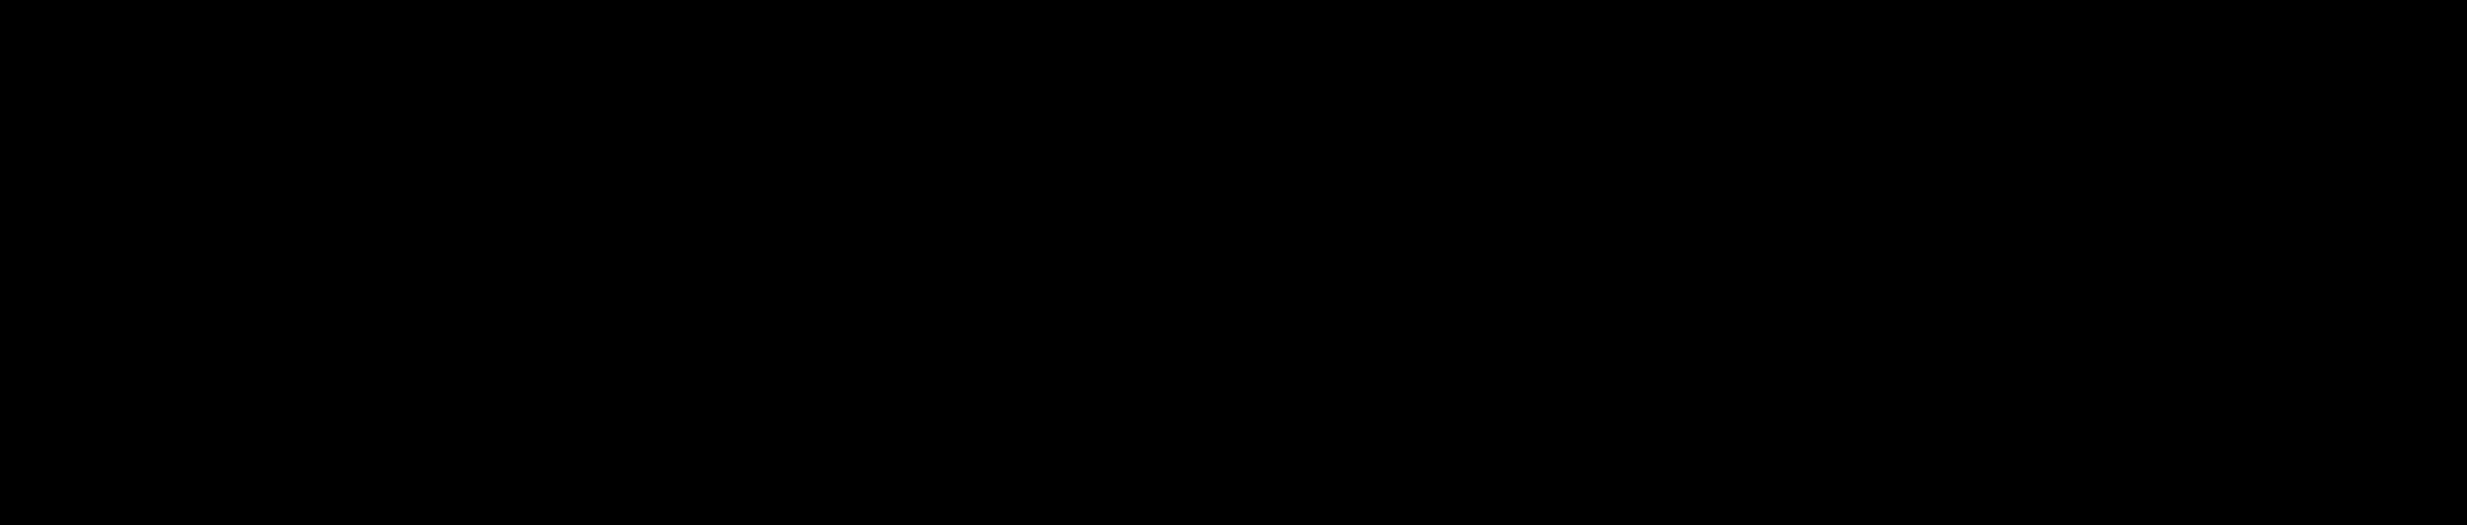 Town logo 2010 black no gateway.png